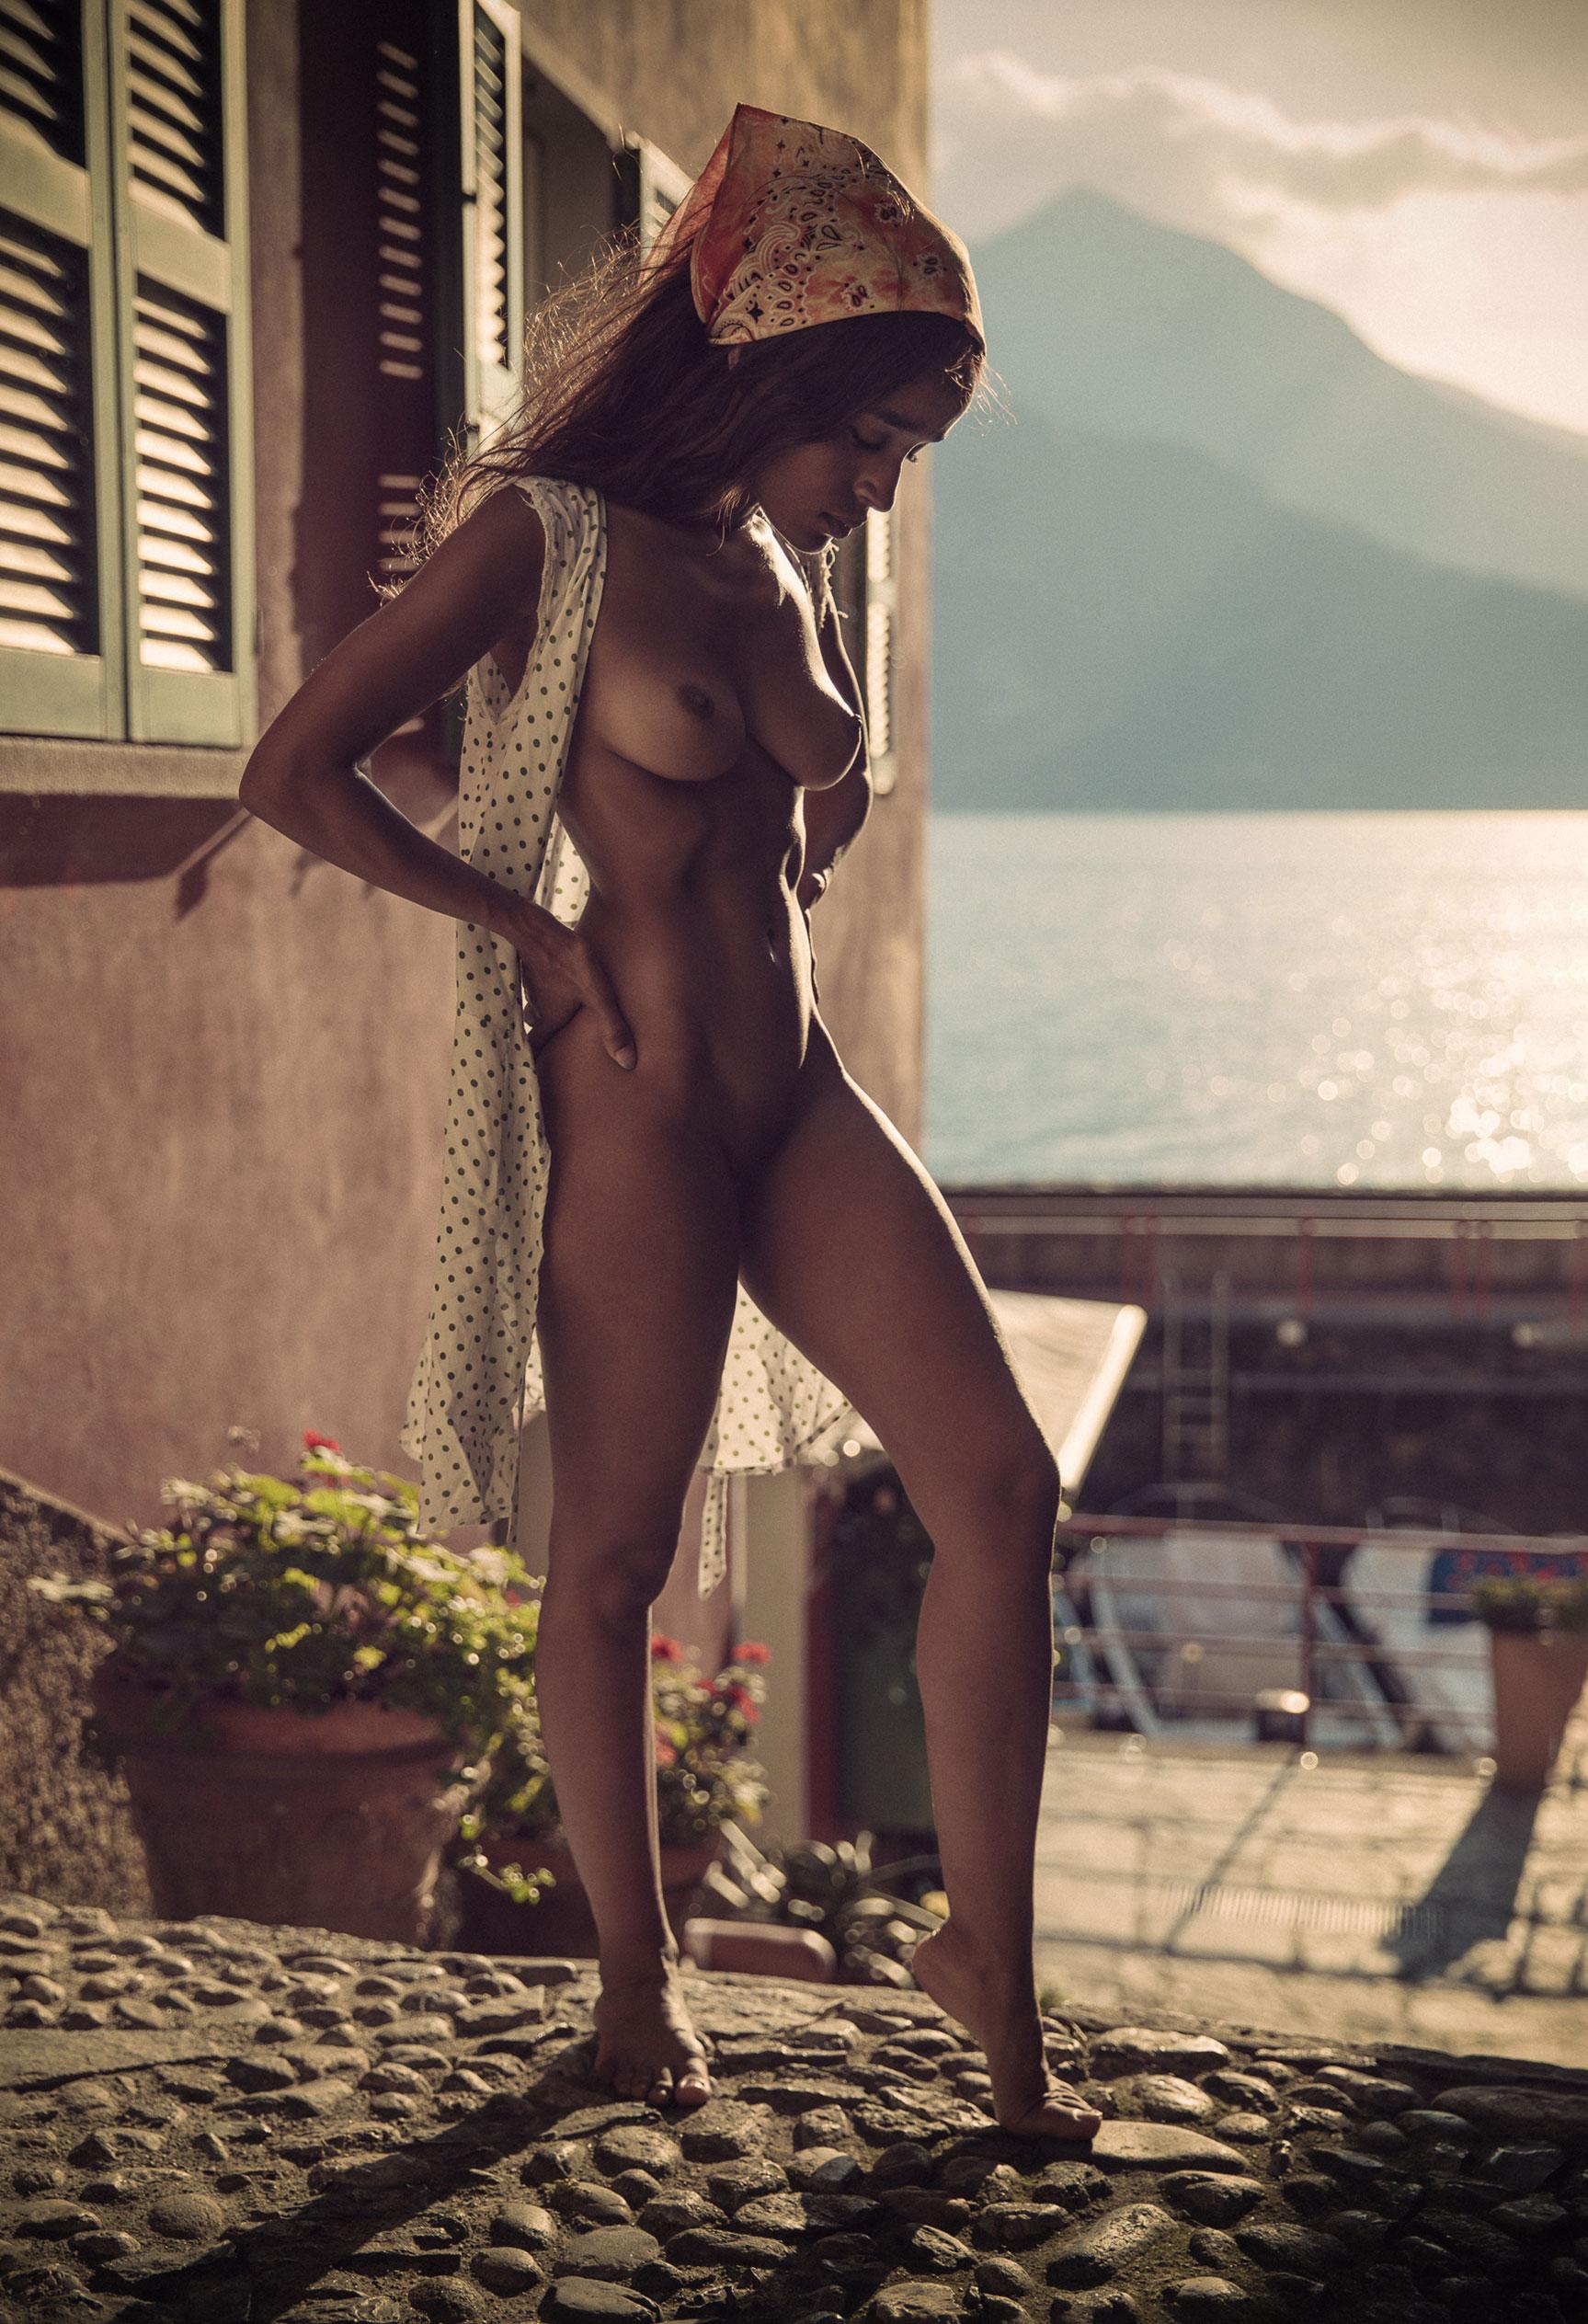 красивая голая девушка на улице курортного города в Италии / фото 04